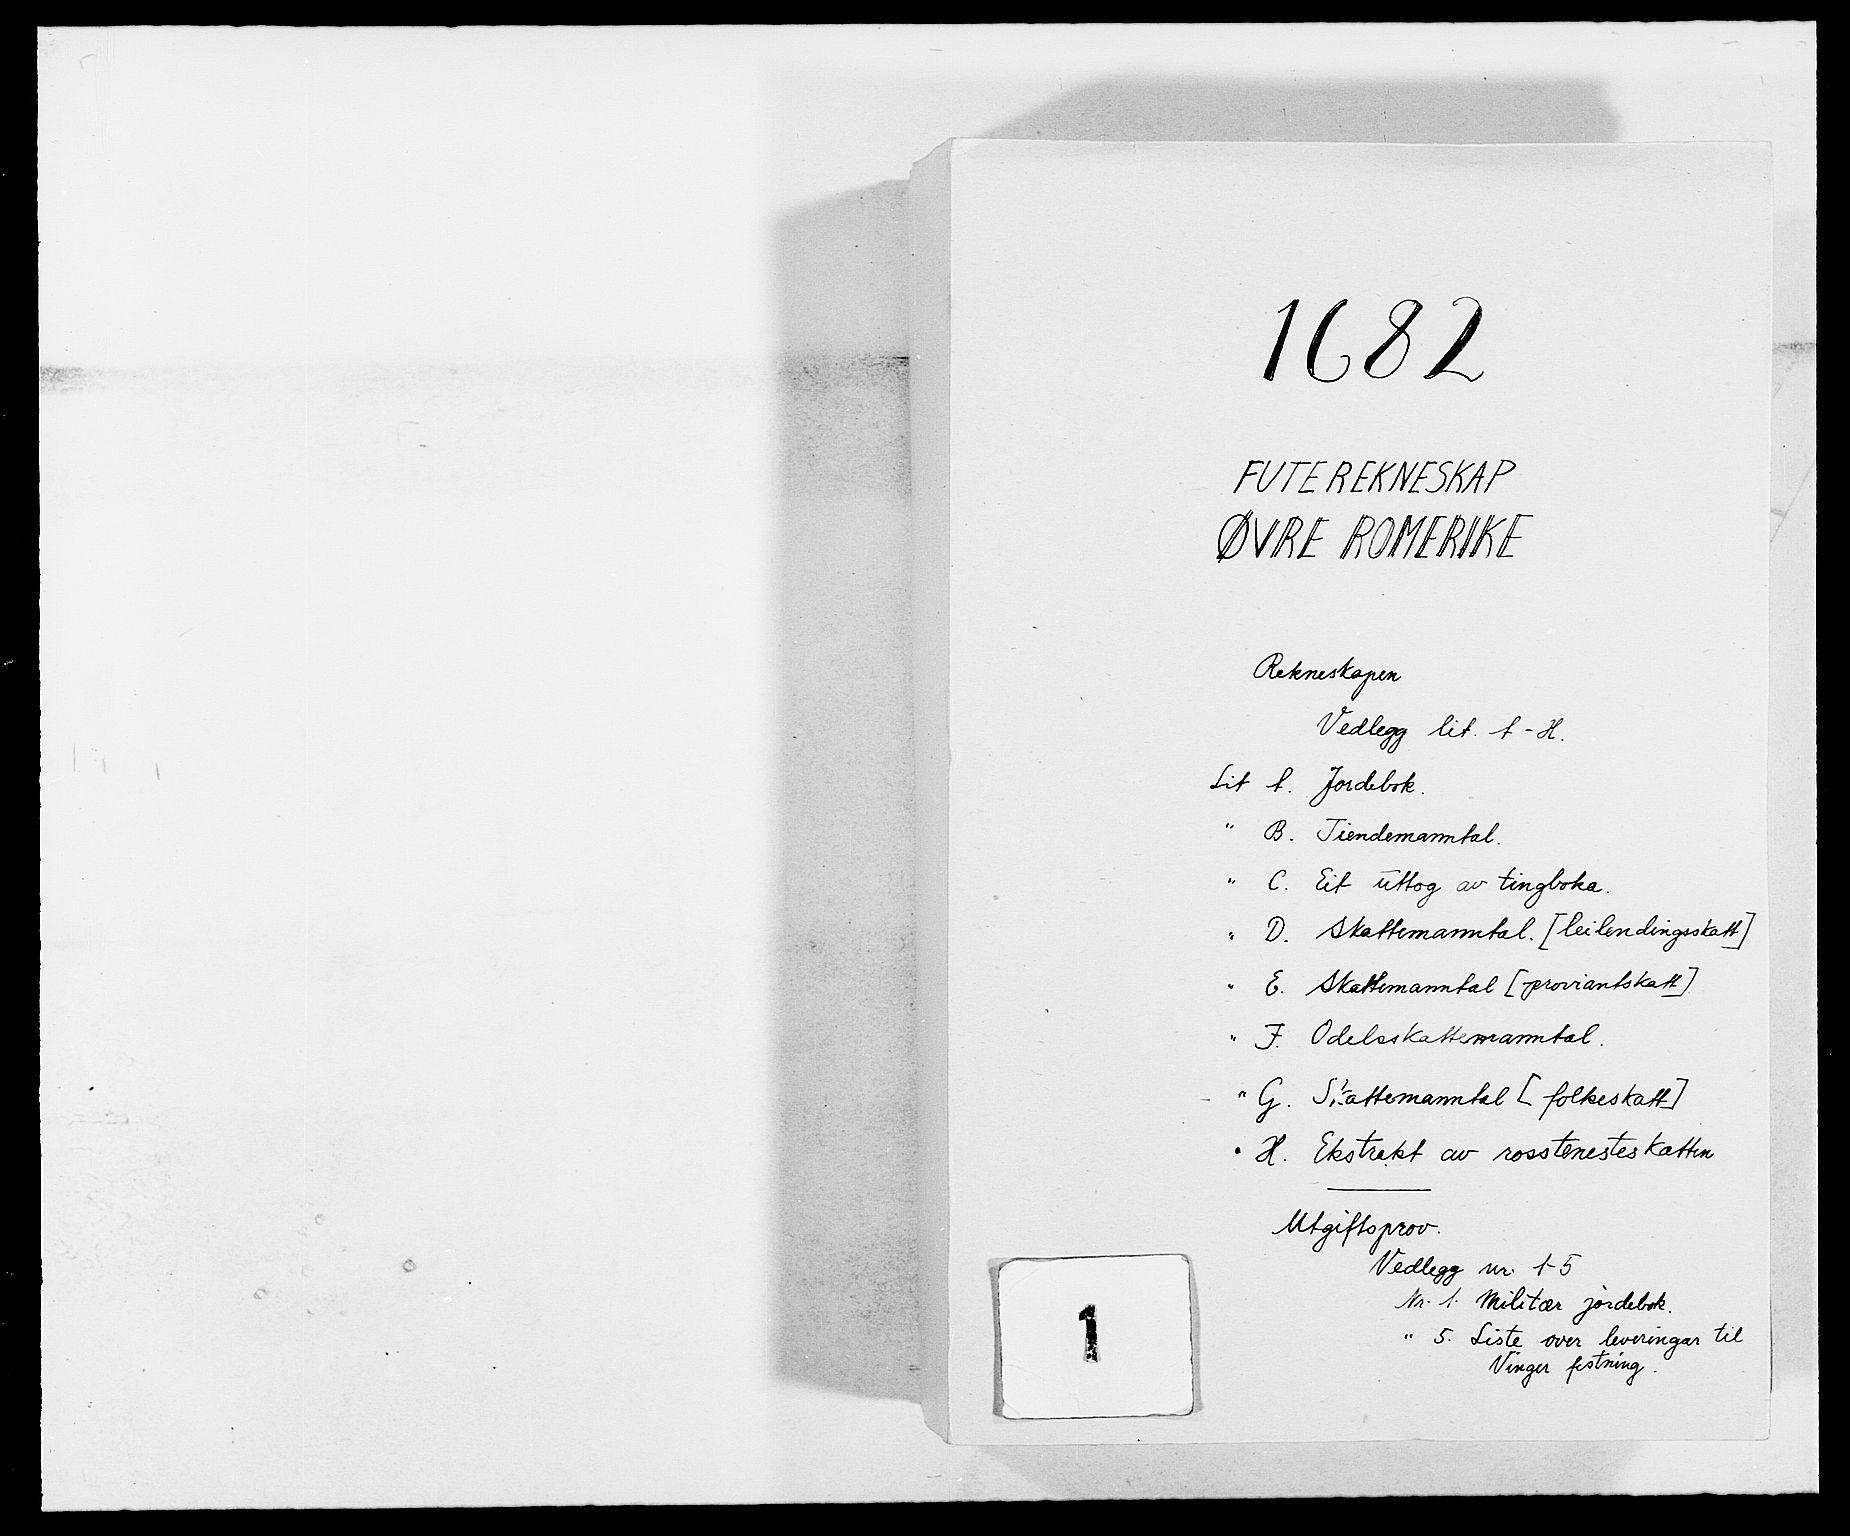 RA, Rentekammeret inntil 1814, Reviderte regnskaper, Fogderegnskap, R12/L0697: Fogderegnskap Øvre Romerike, 1682-1683, s. 1